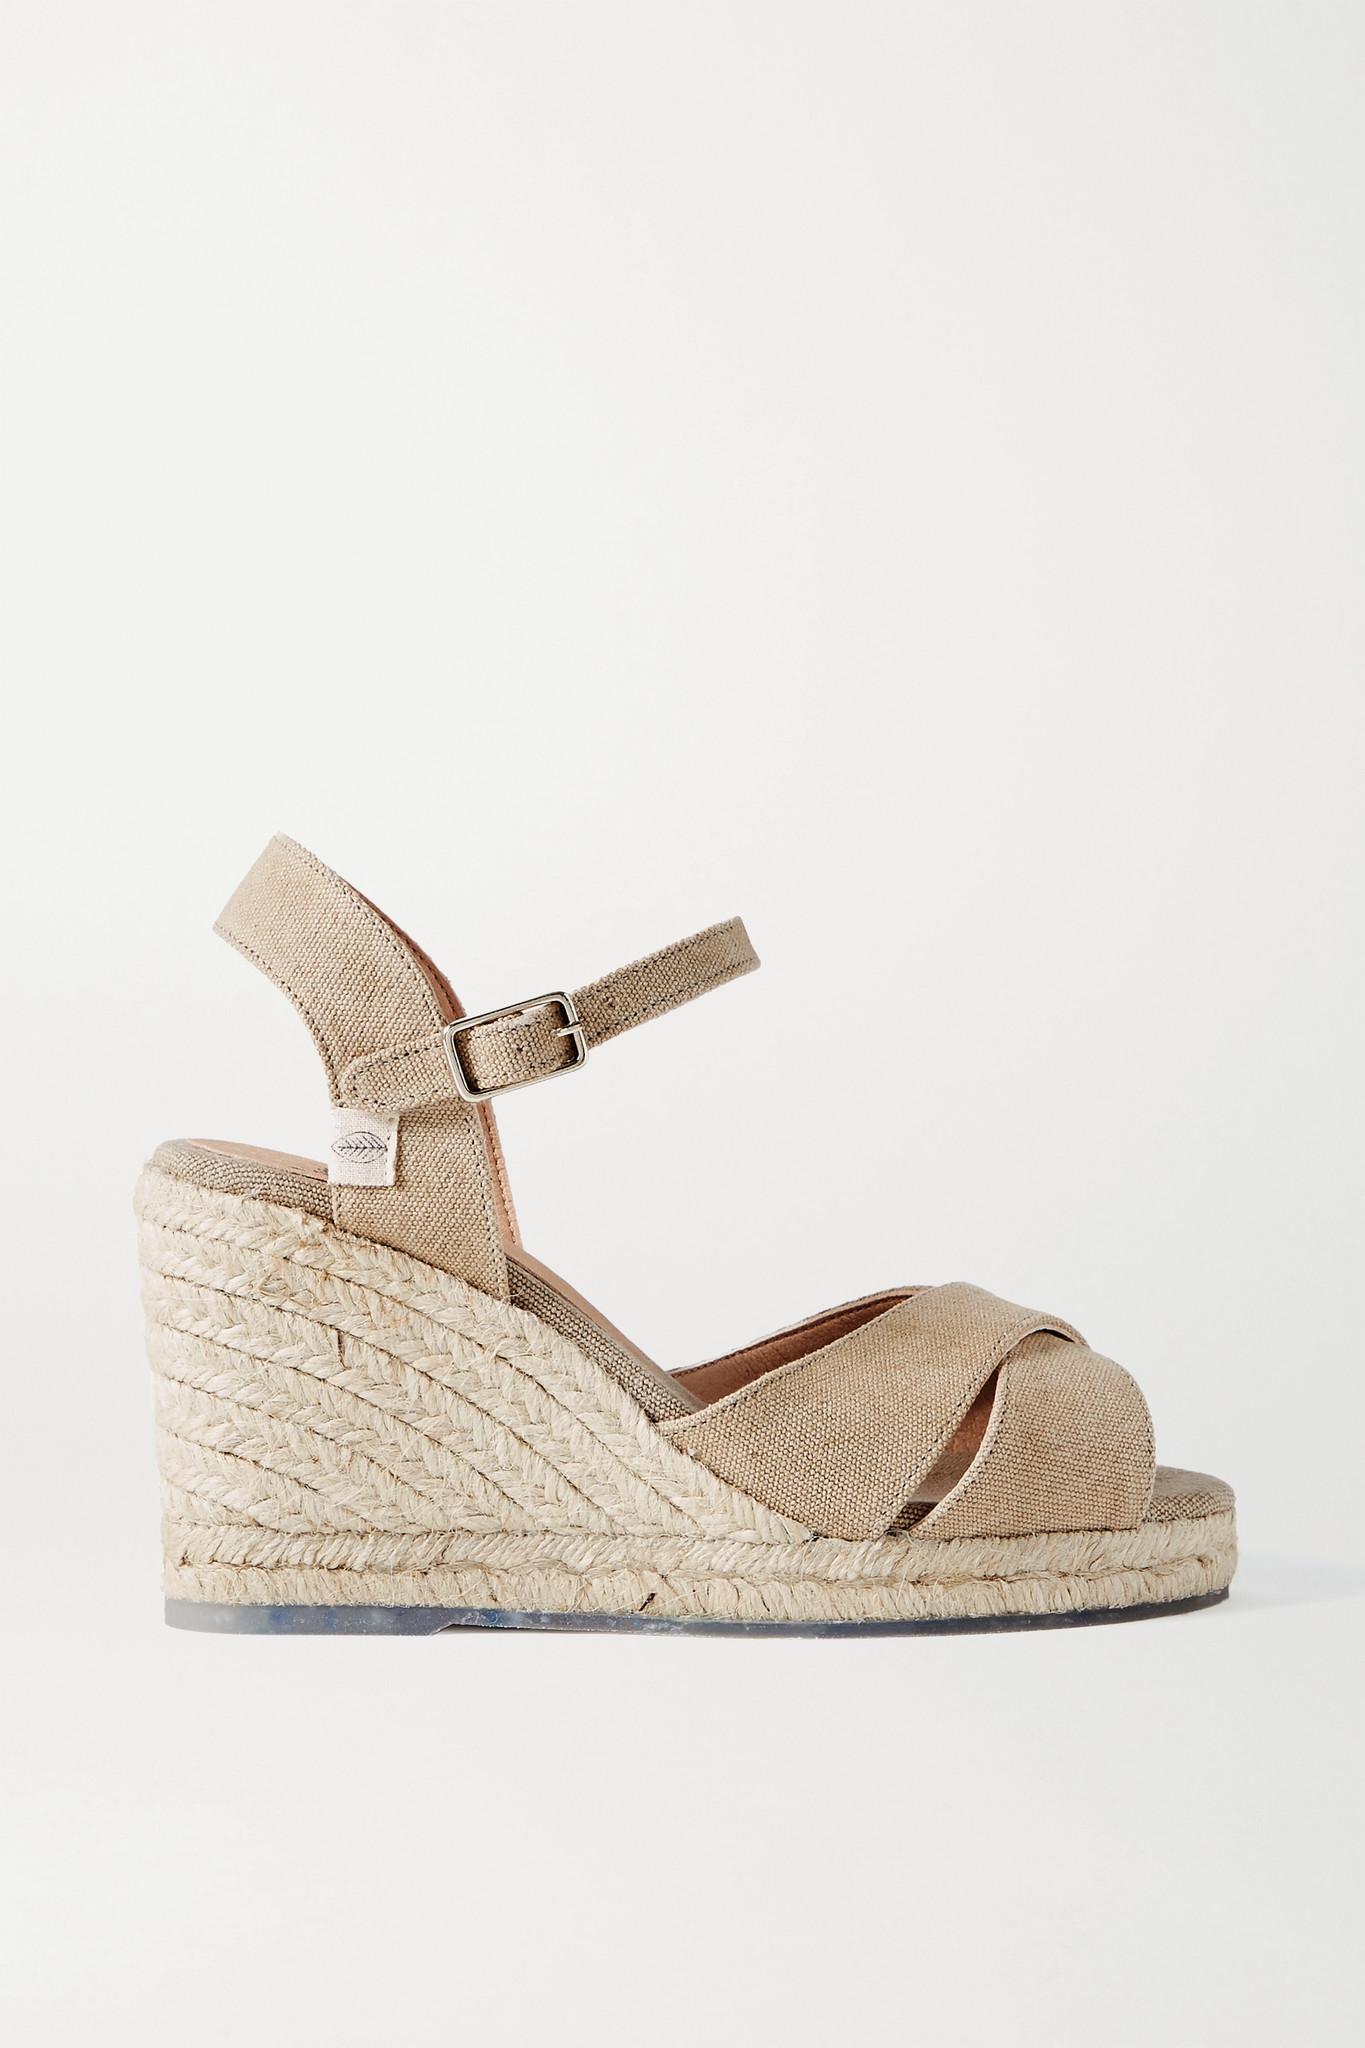 CASTAÑER - 【net Sustain】blaudell 80 帆布坡跟凉鞋 - 中性色 - IT36